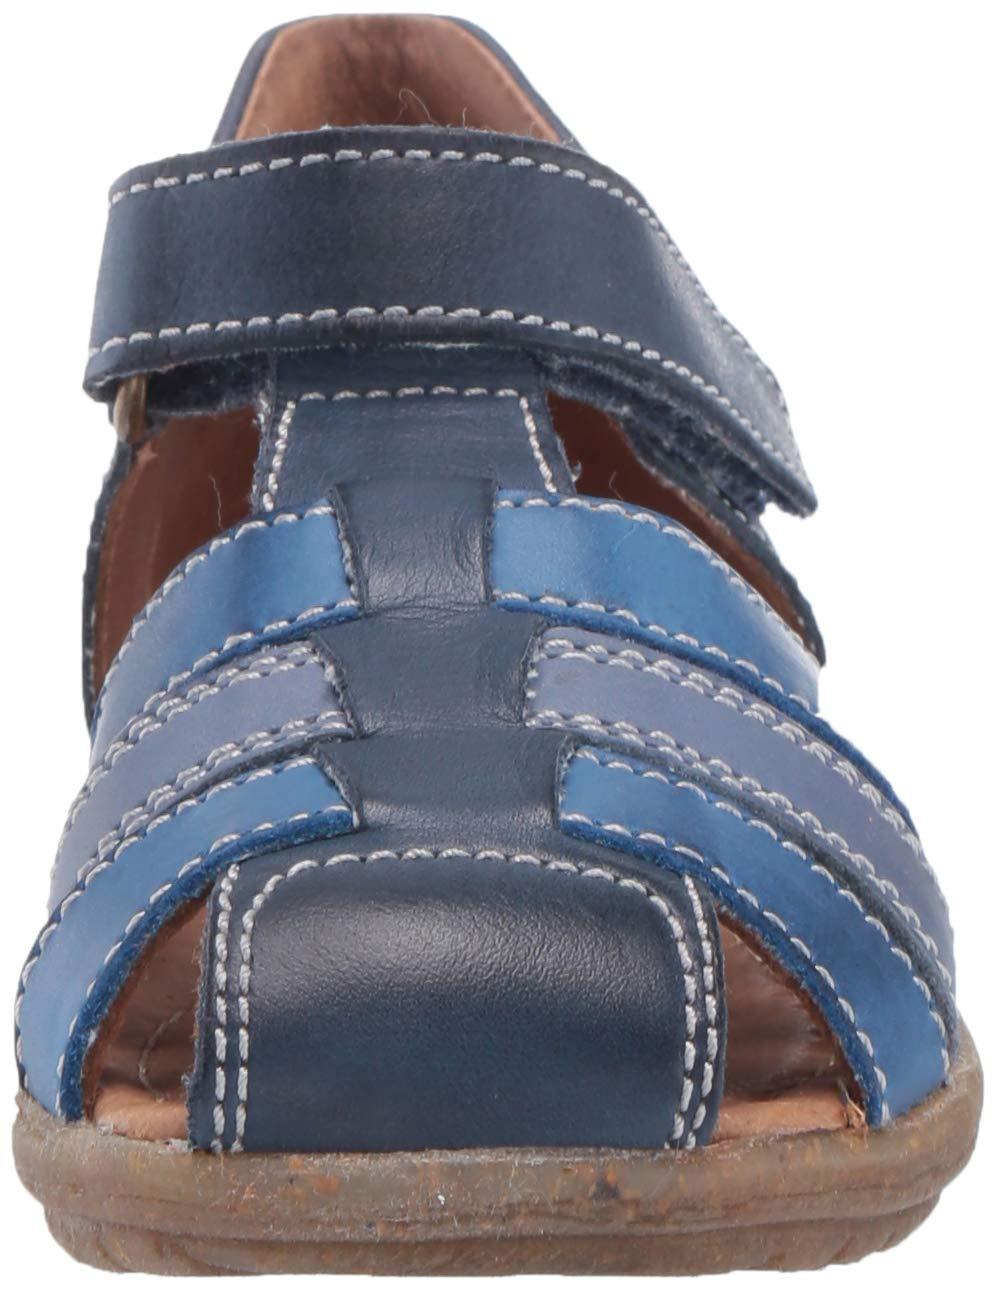 Naturino Boys See Gladiator Sandals, Multicolour (Navy/Azzurro/Celeste 1c53), 7 UK 7UK Child by Naturino (Image #4)